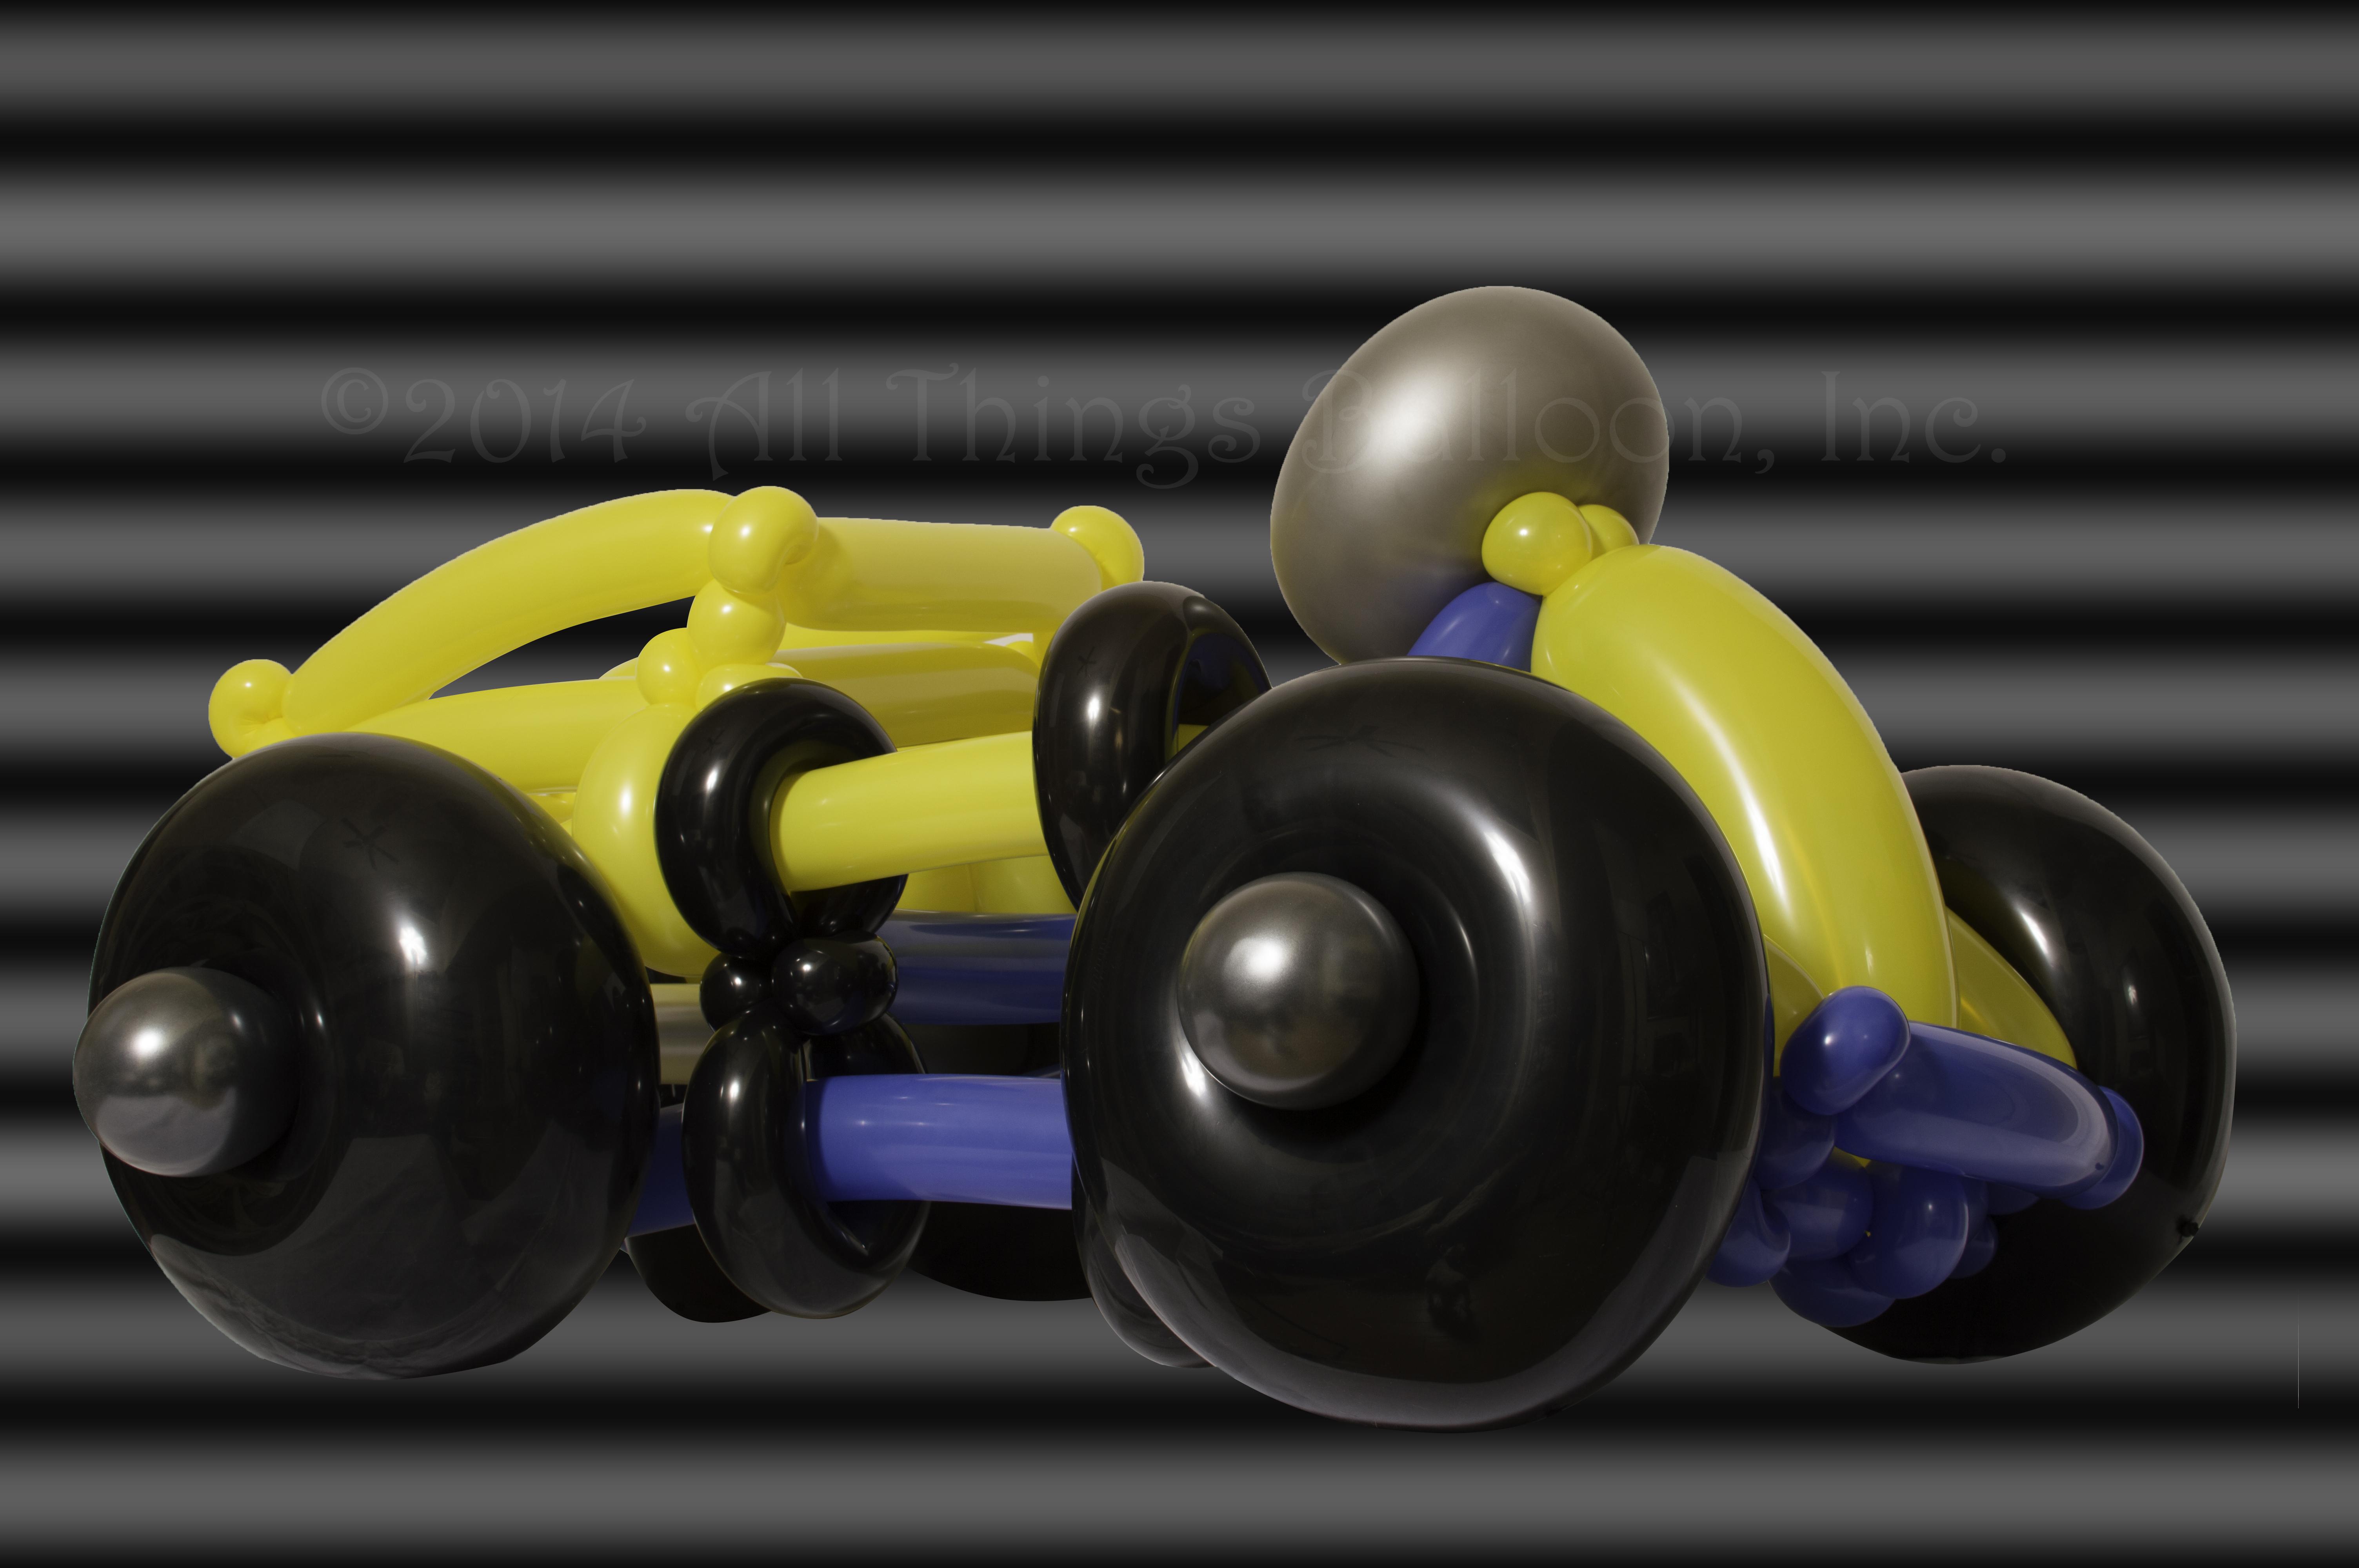 Balloon Vehicles